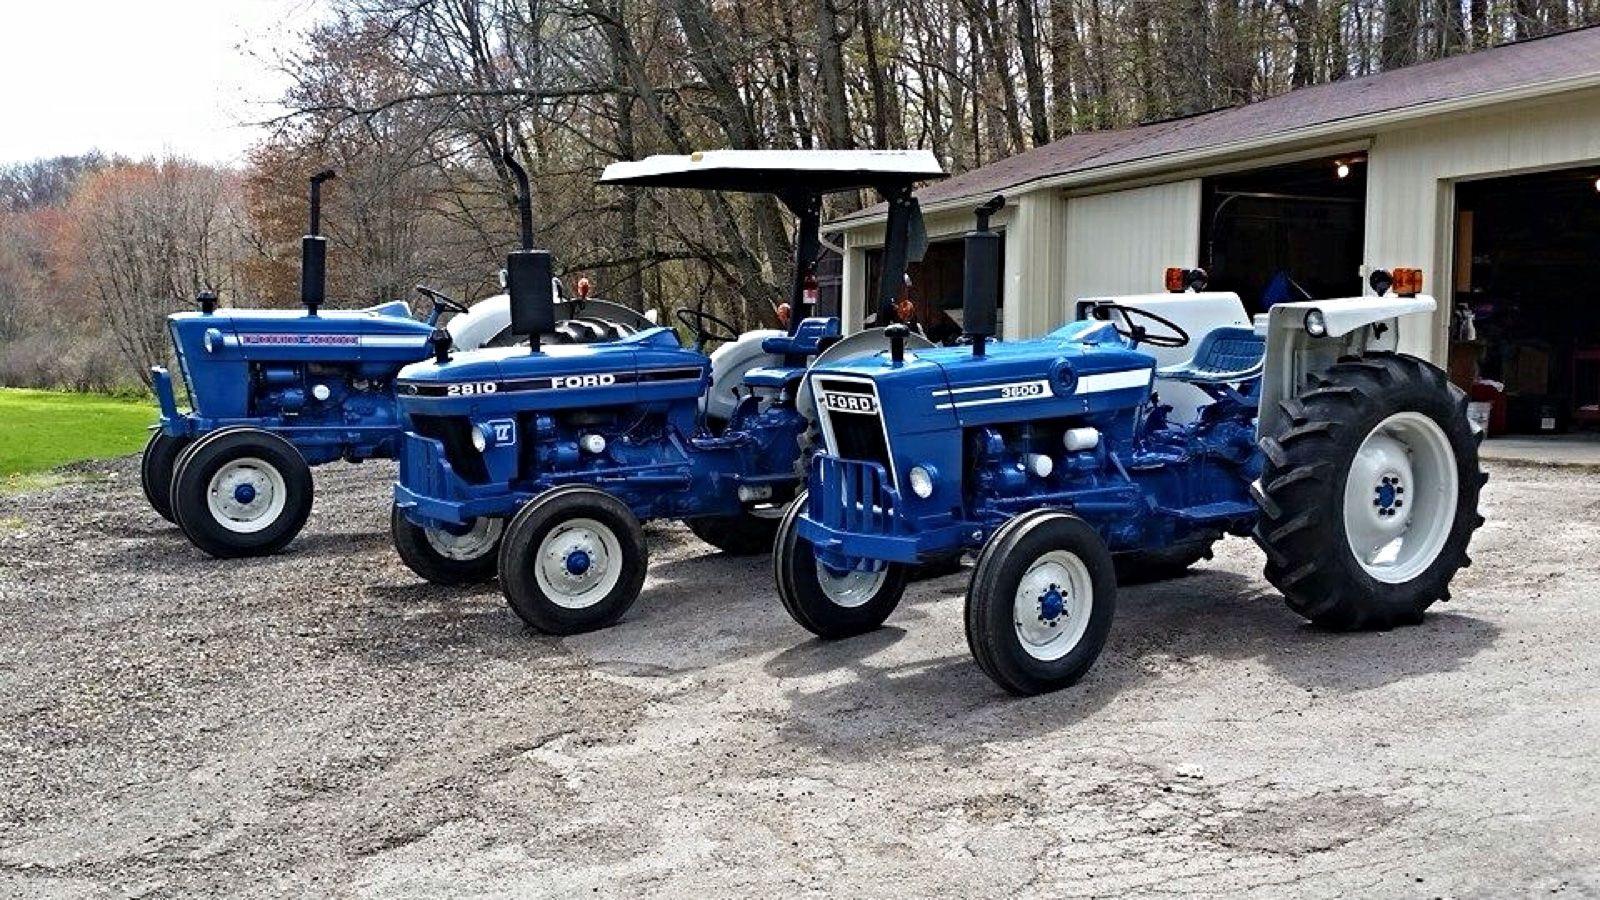 Ford 4000 2810 3600 Antique Tractors Ford Tractors Tractors